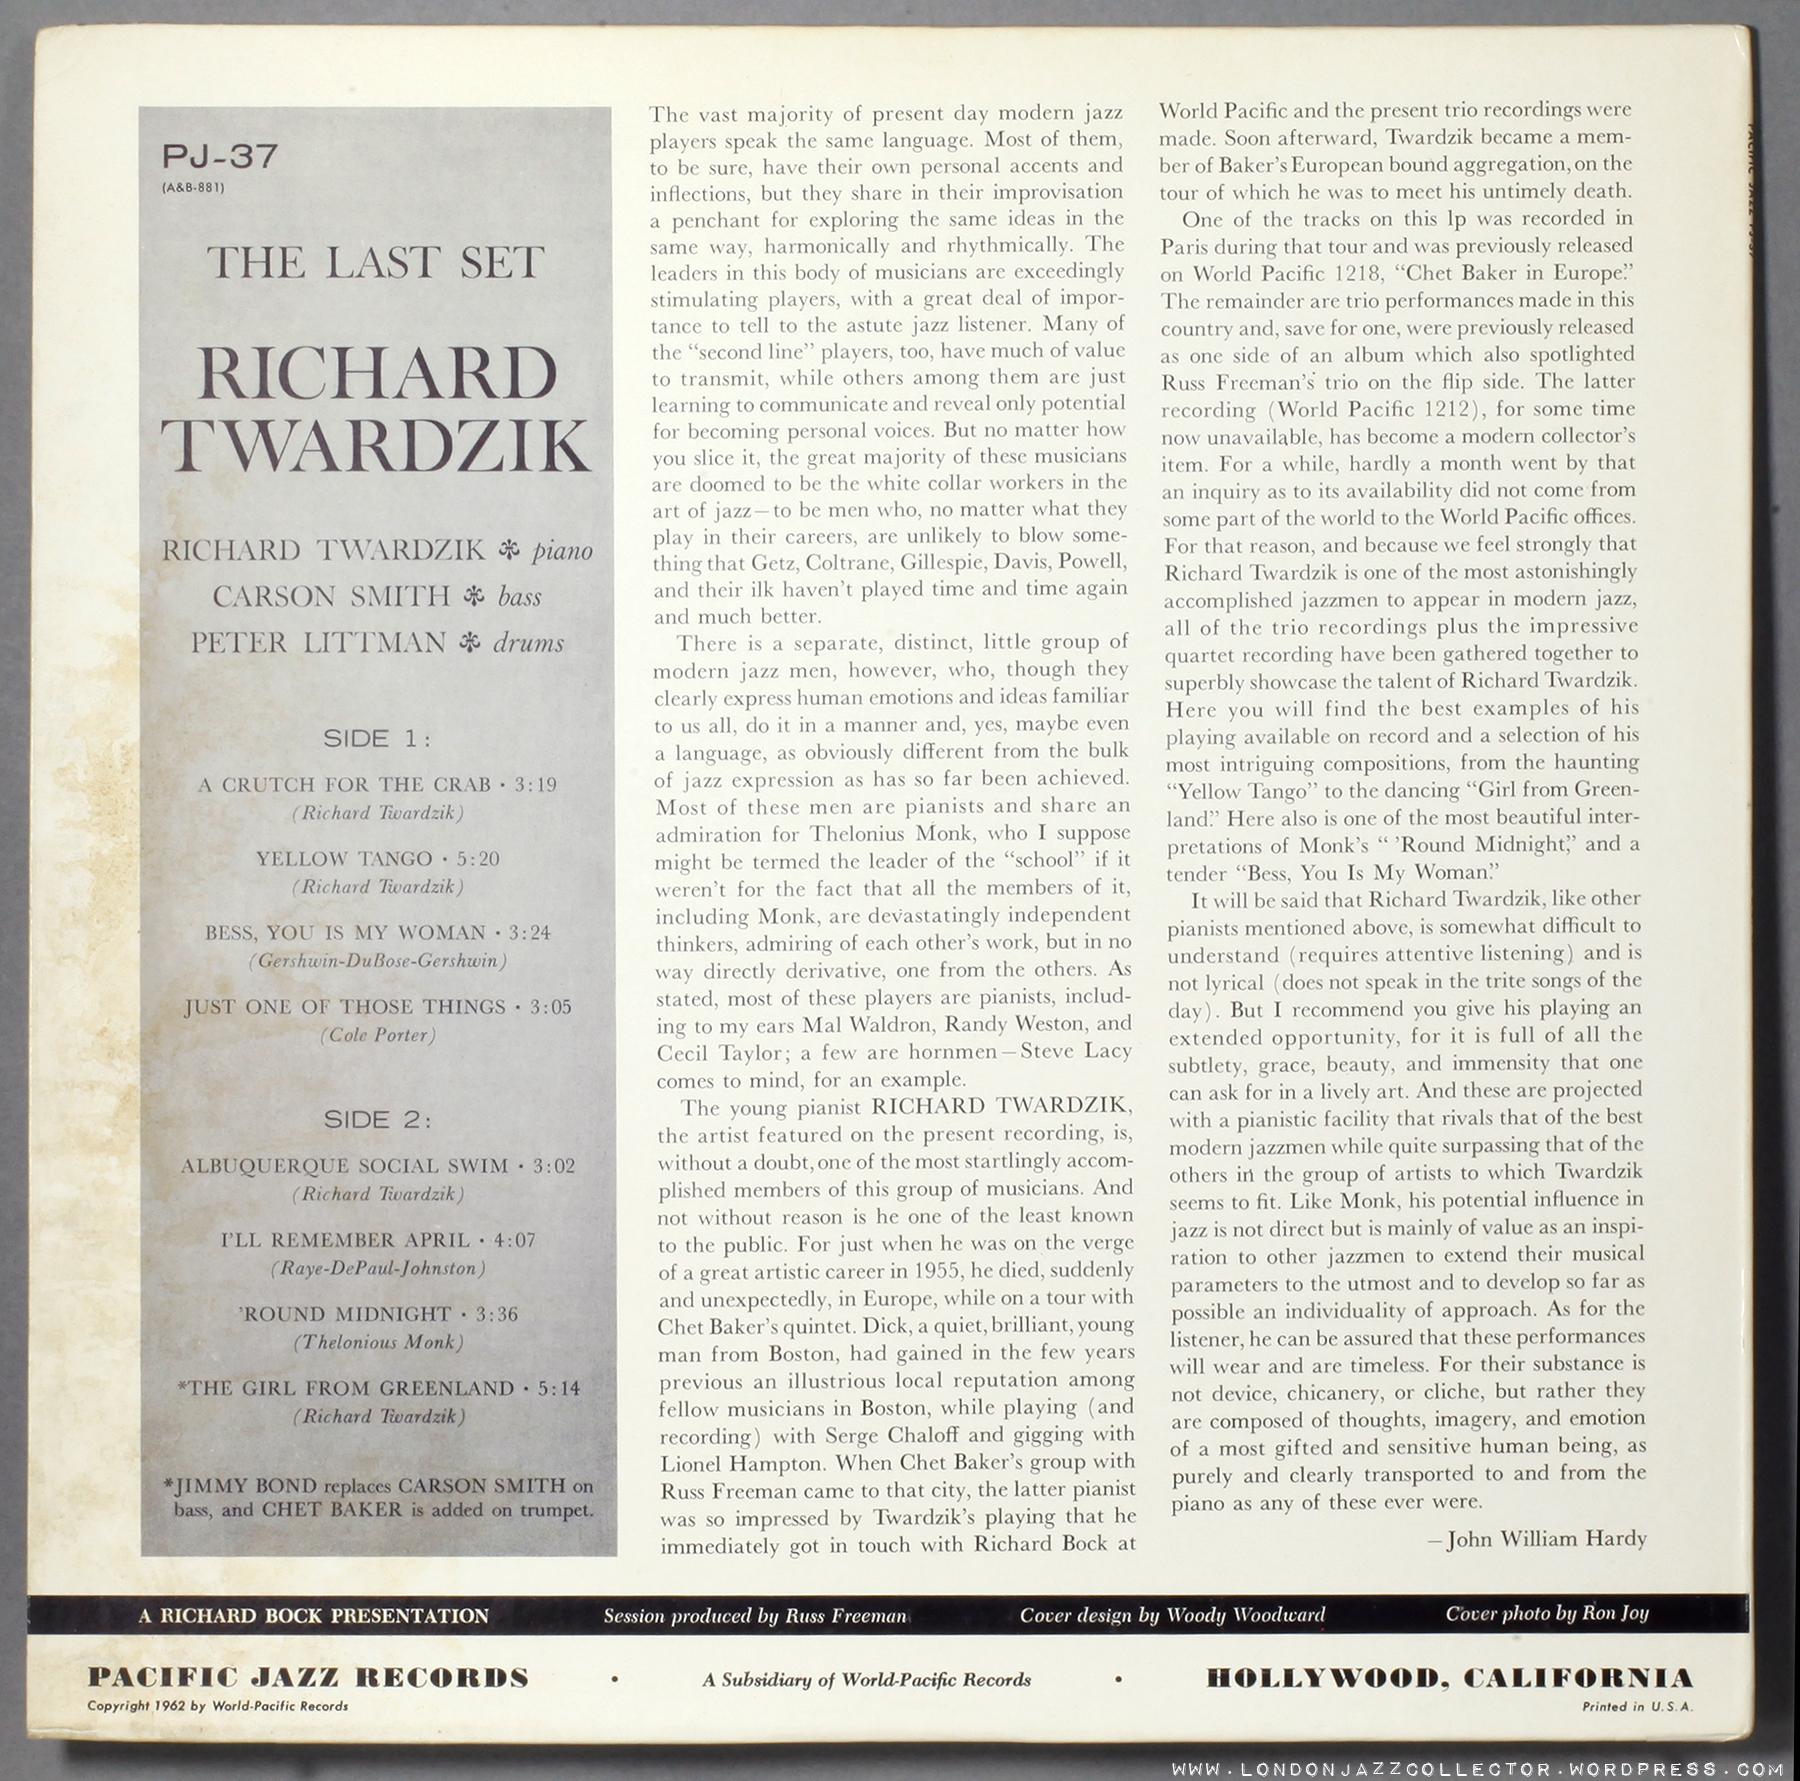 Dick Twardzik* Richard Twardzik·/ Russ Freeman - The Richard Twardzik & Russ Freeman Trios